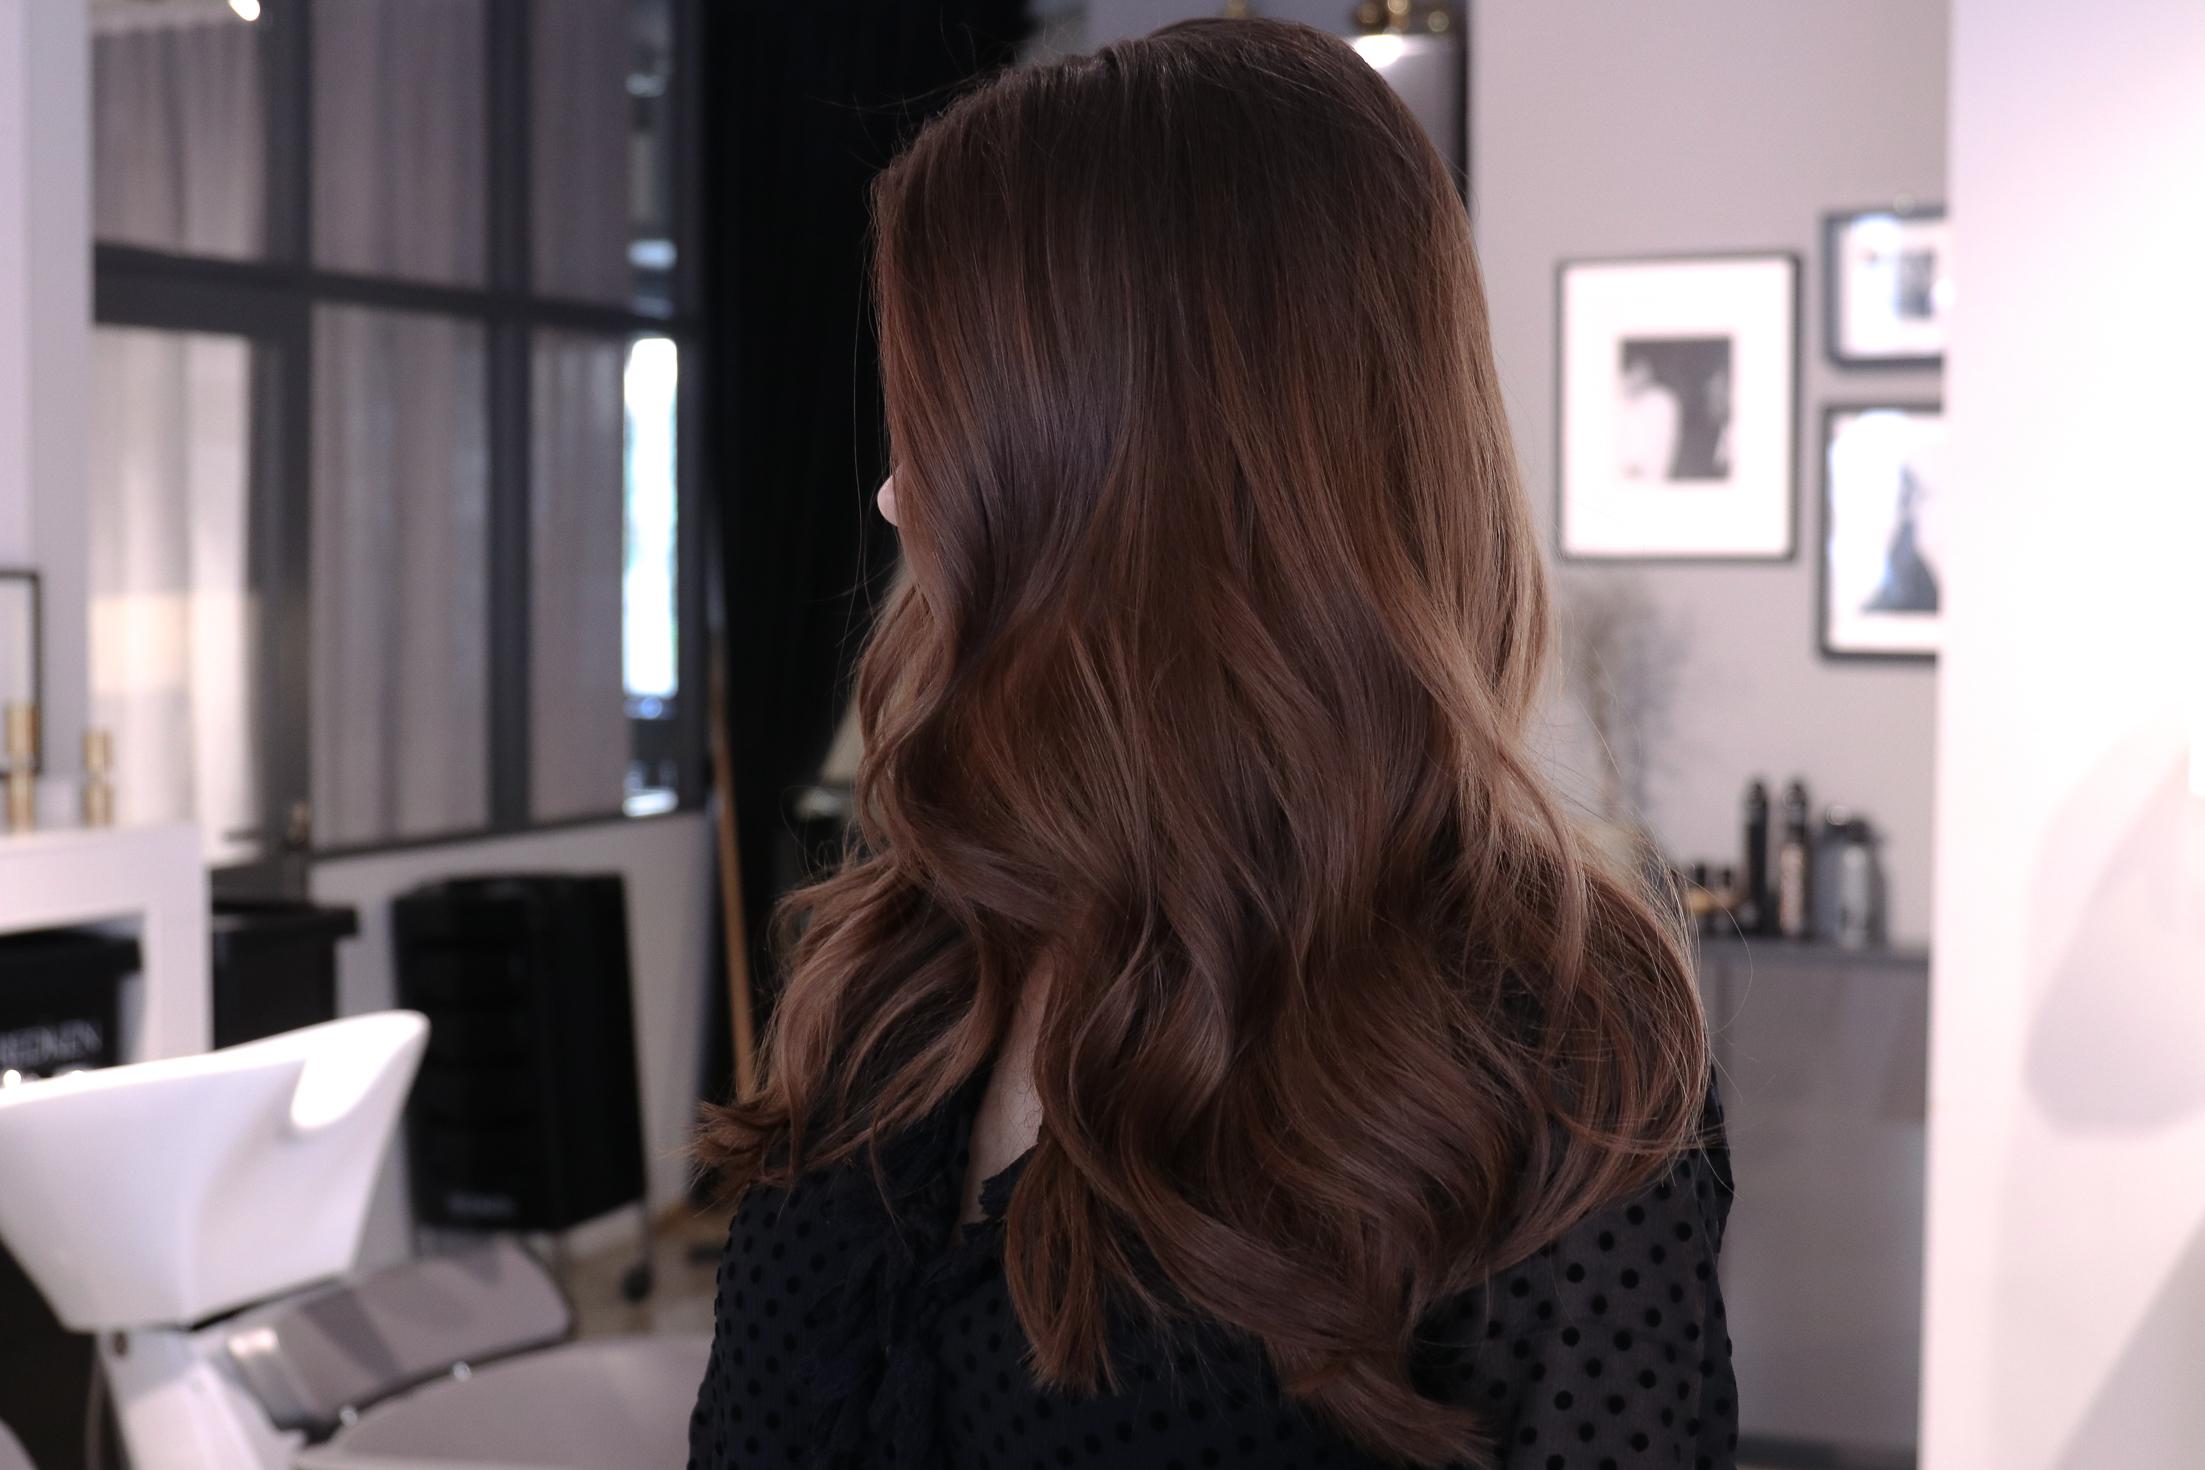 vill få långt hår väldigt snabbt